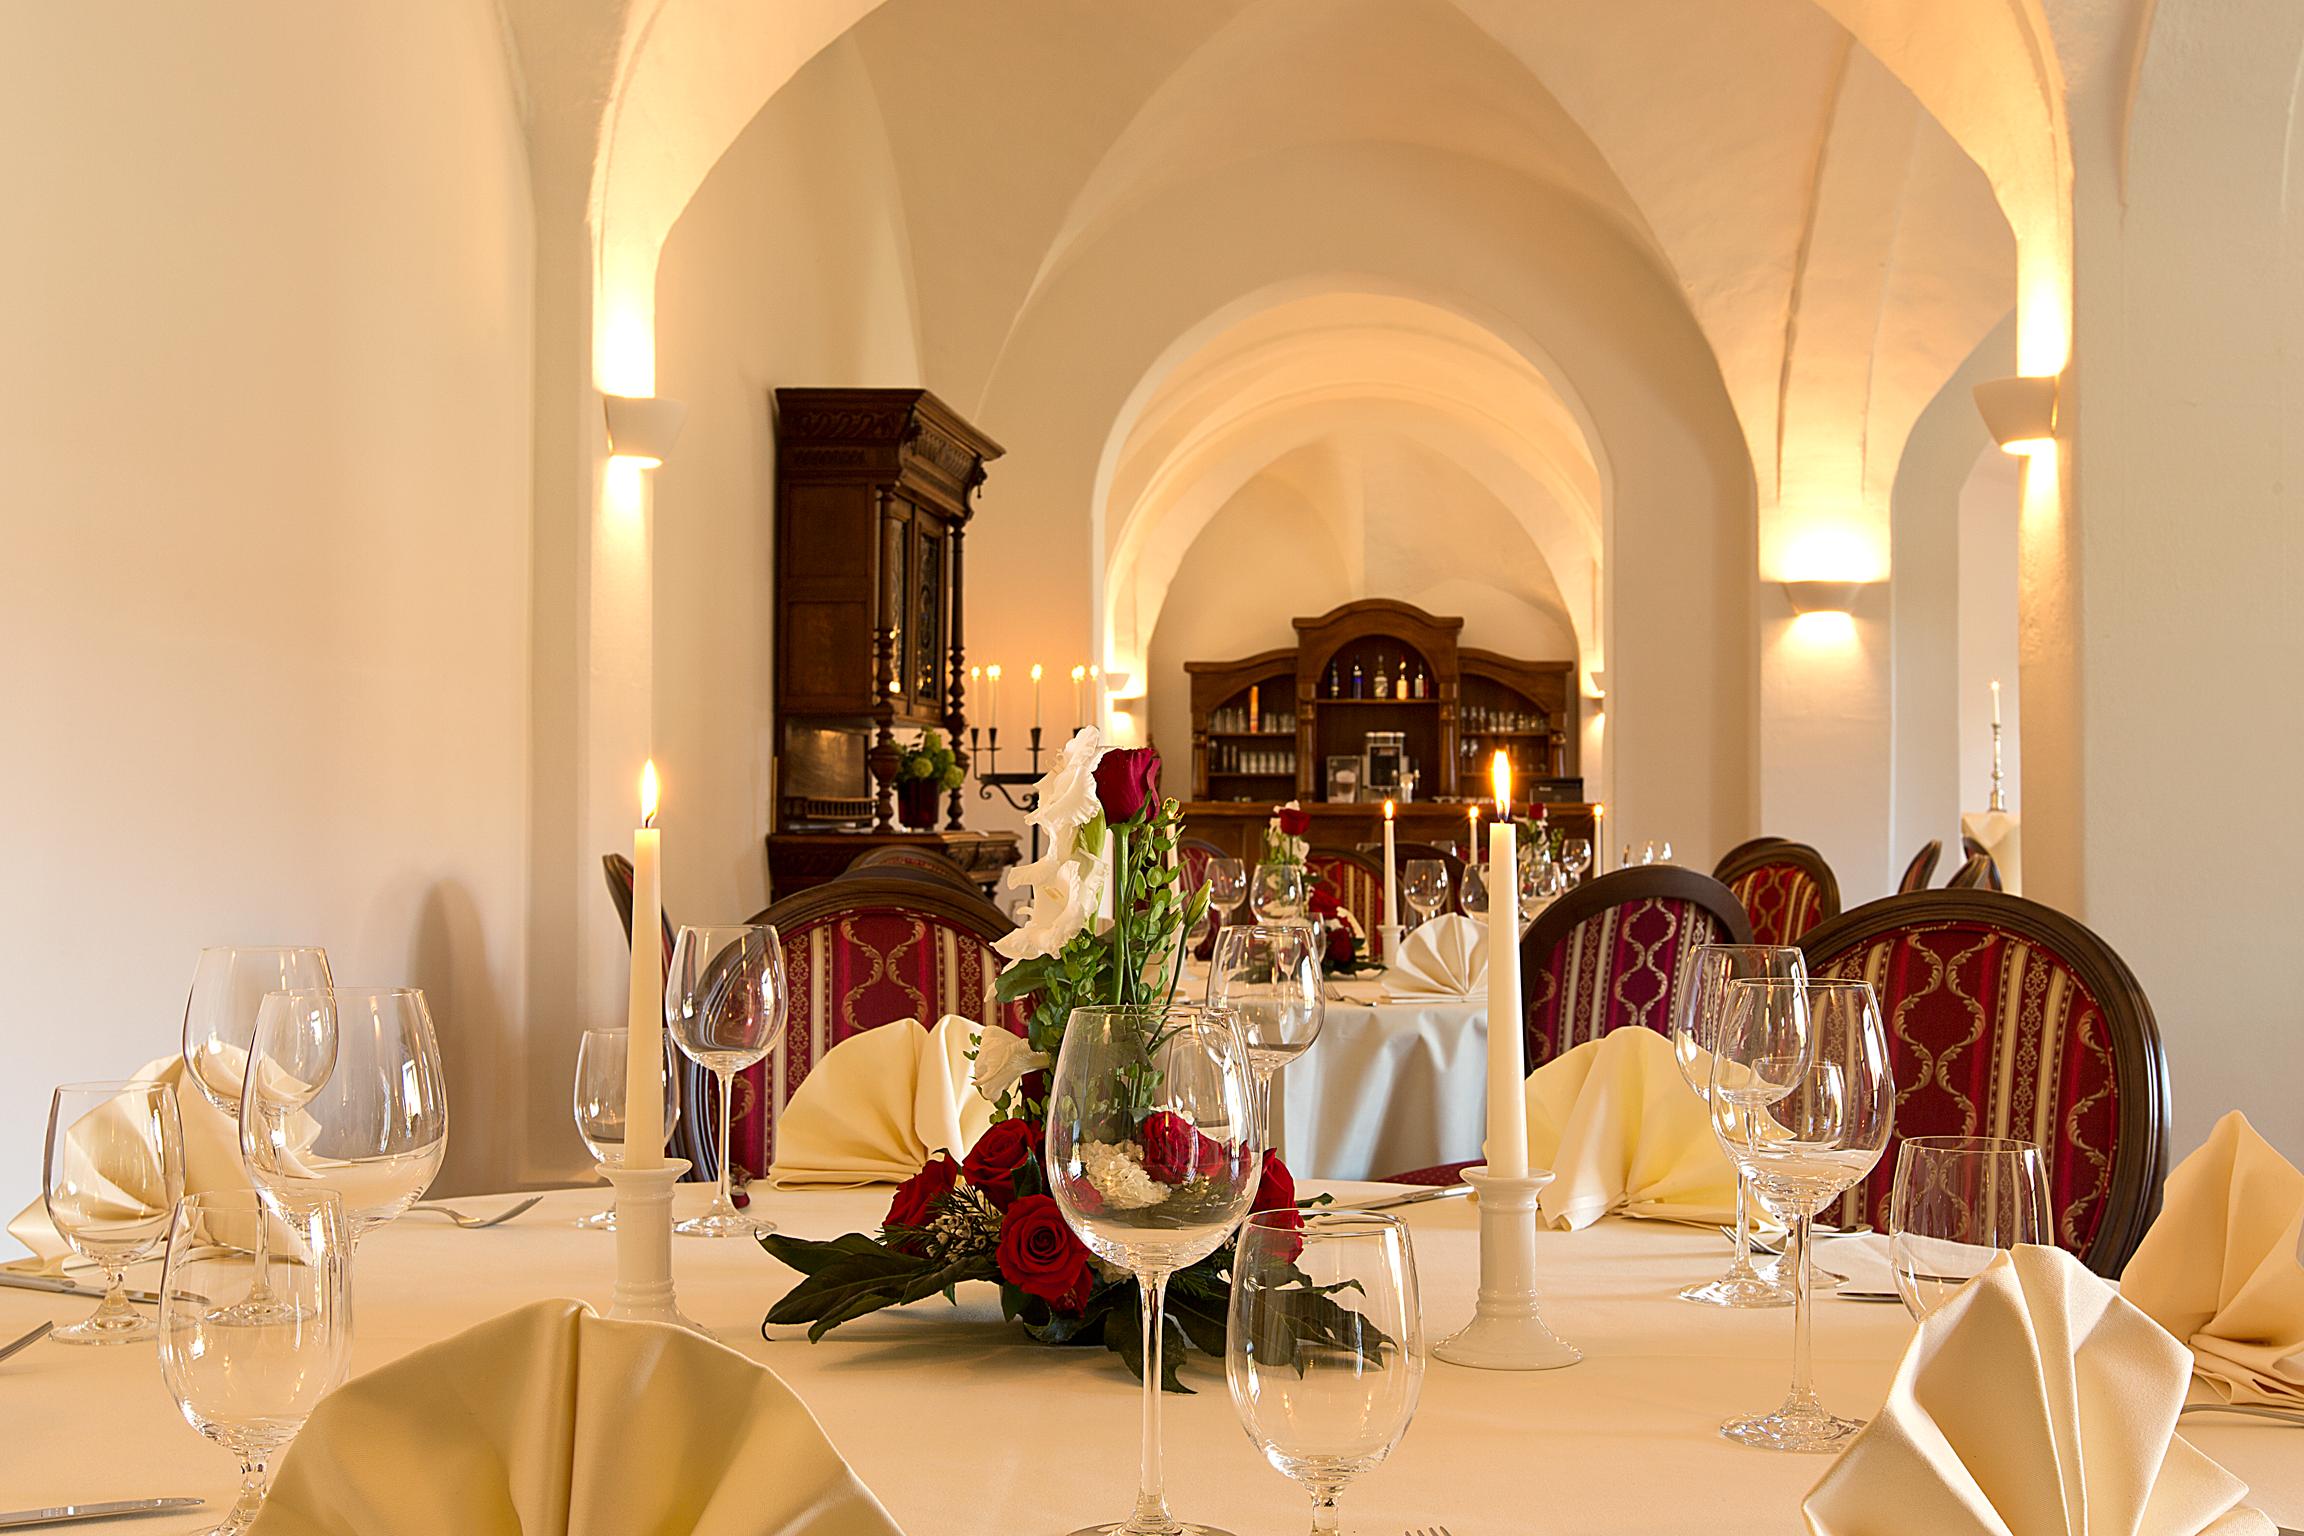 Gewölbesaal, Foto: Kloster Nimbschen